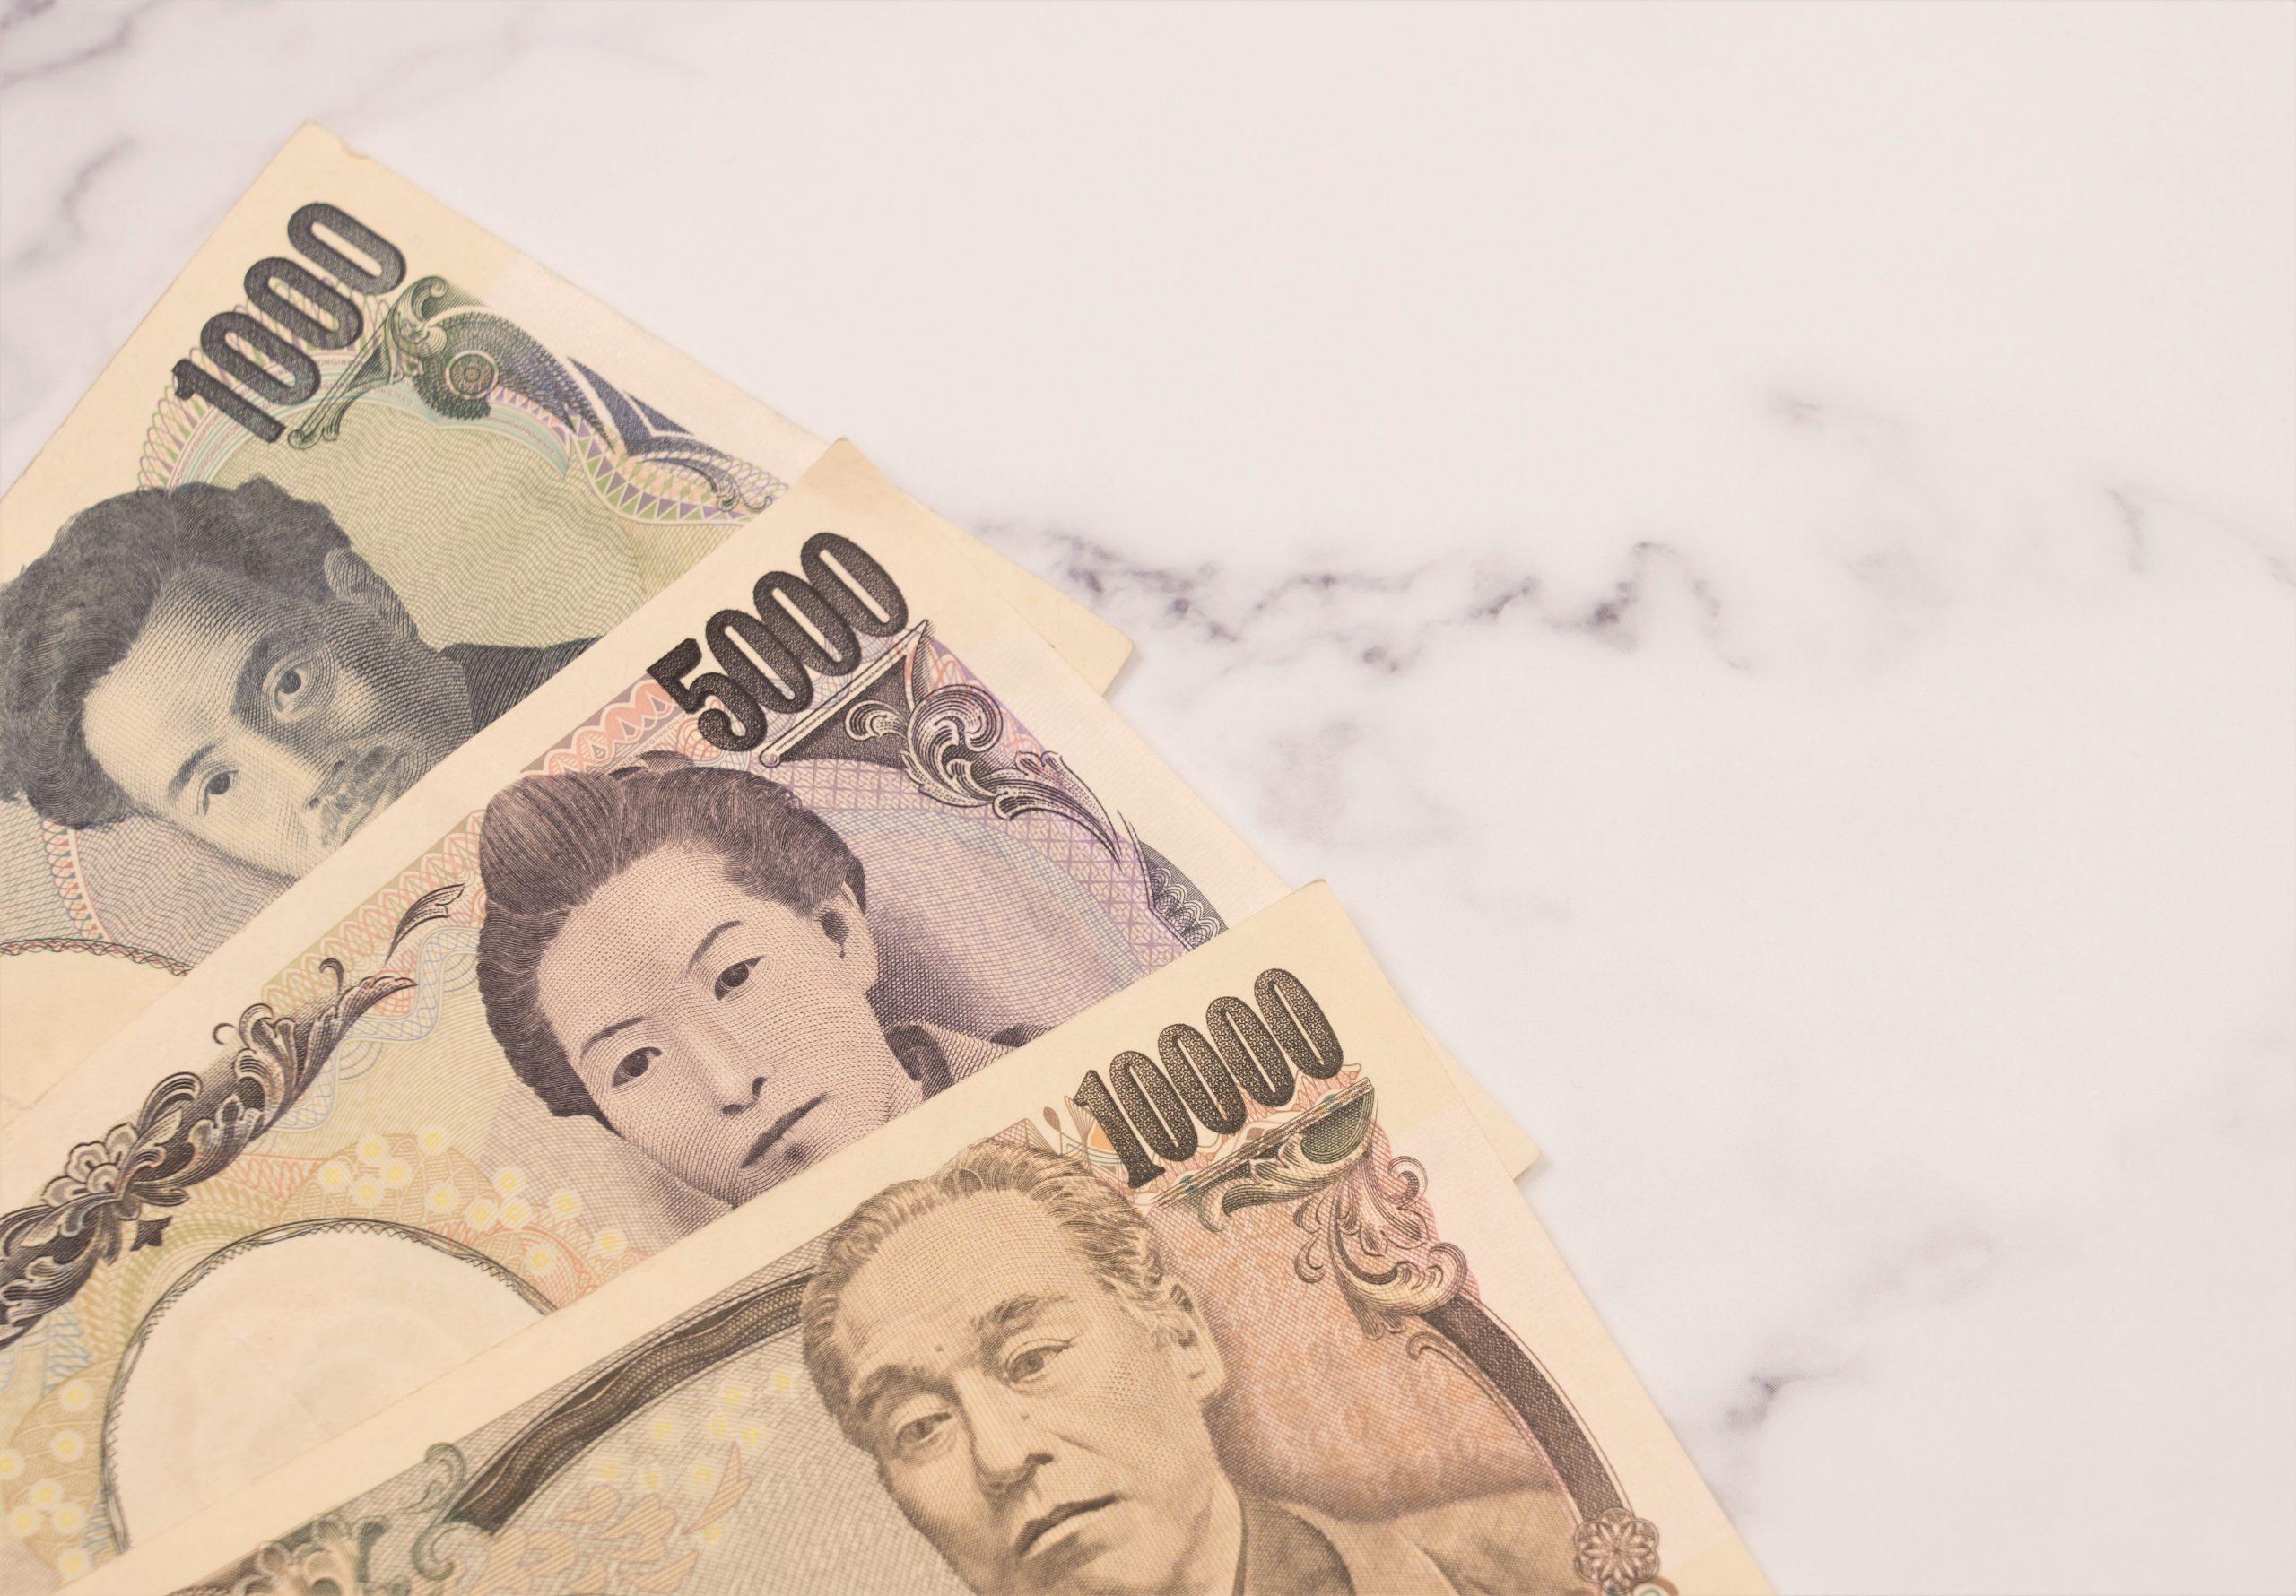 父の日にお父さんやお義父さんに贈るおすすめのプレゼントの相場は3千円から1万5千円程度